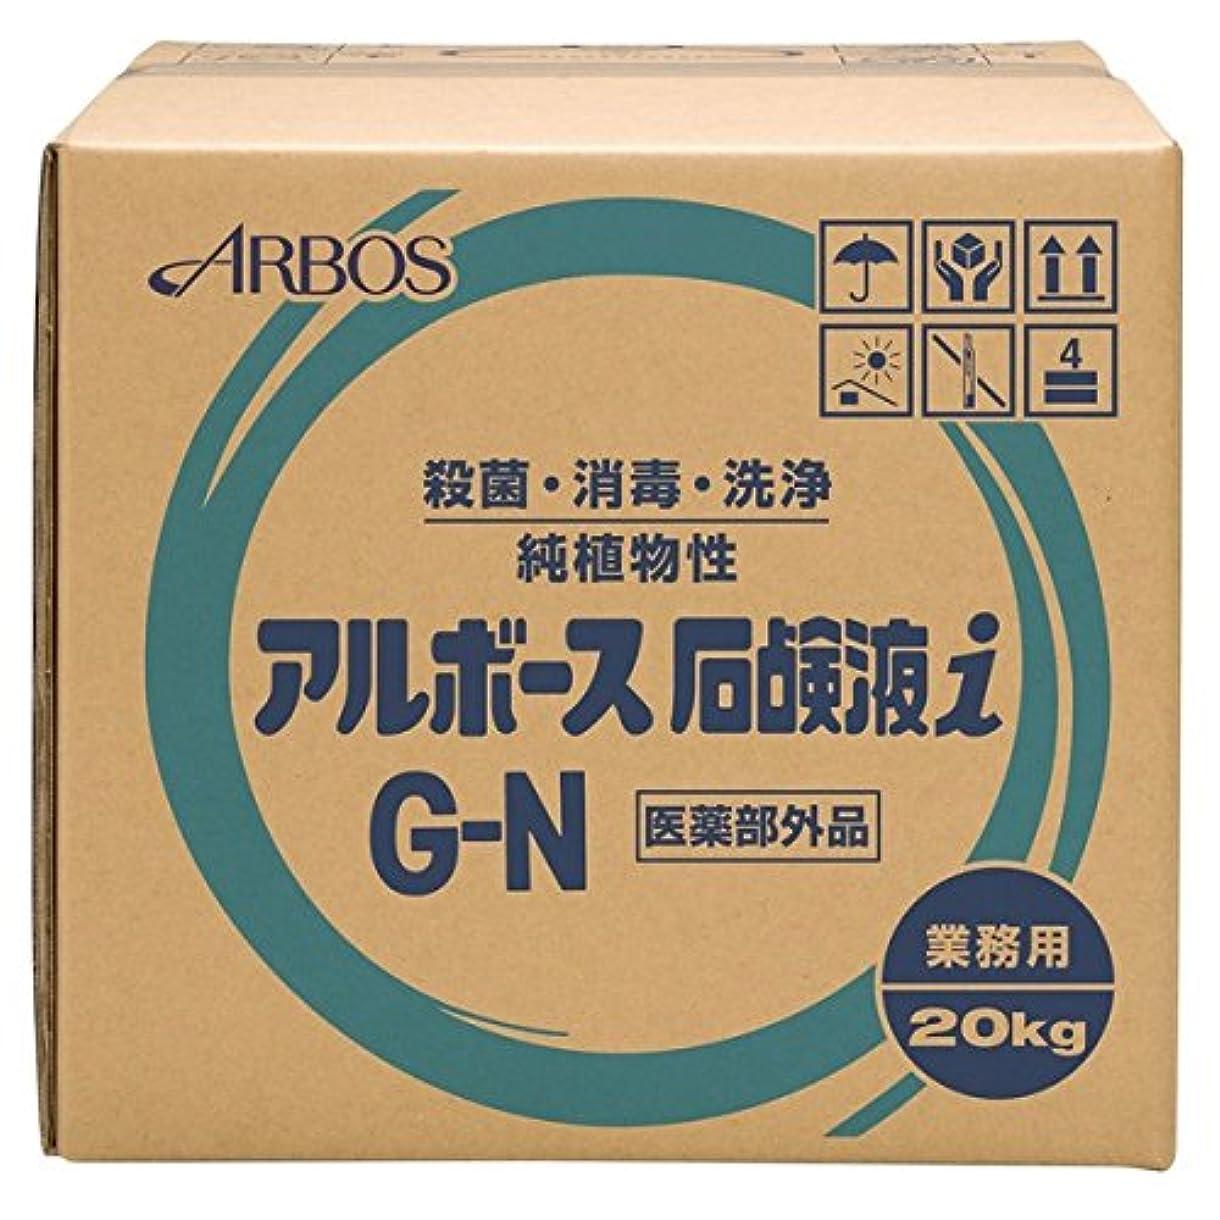 同志ジェスチャー胚芽アルボース 薬用ハンドソープ アルボース石鹸液i G-N 濃縮タイプ 20kg